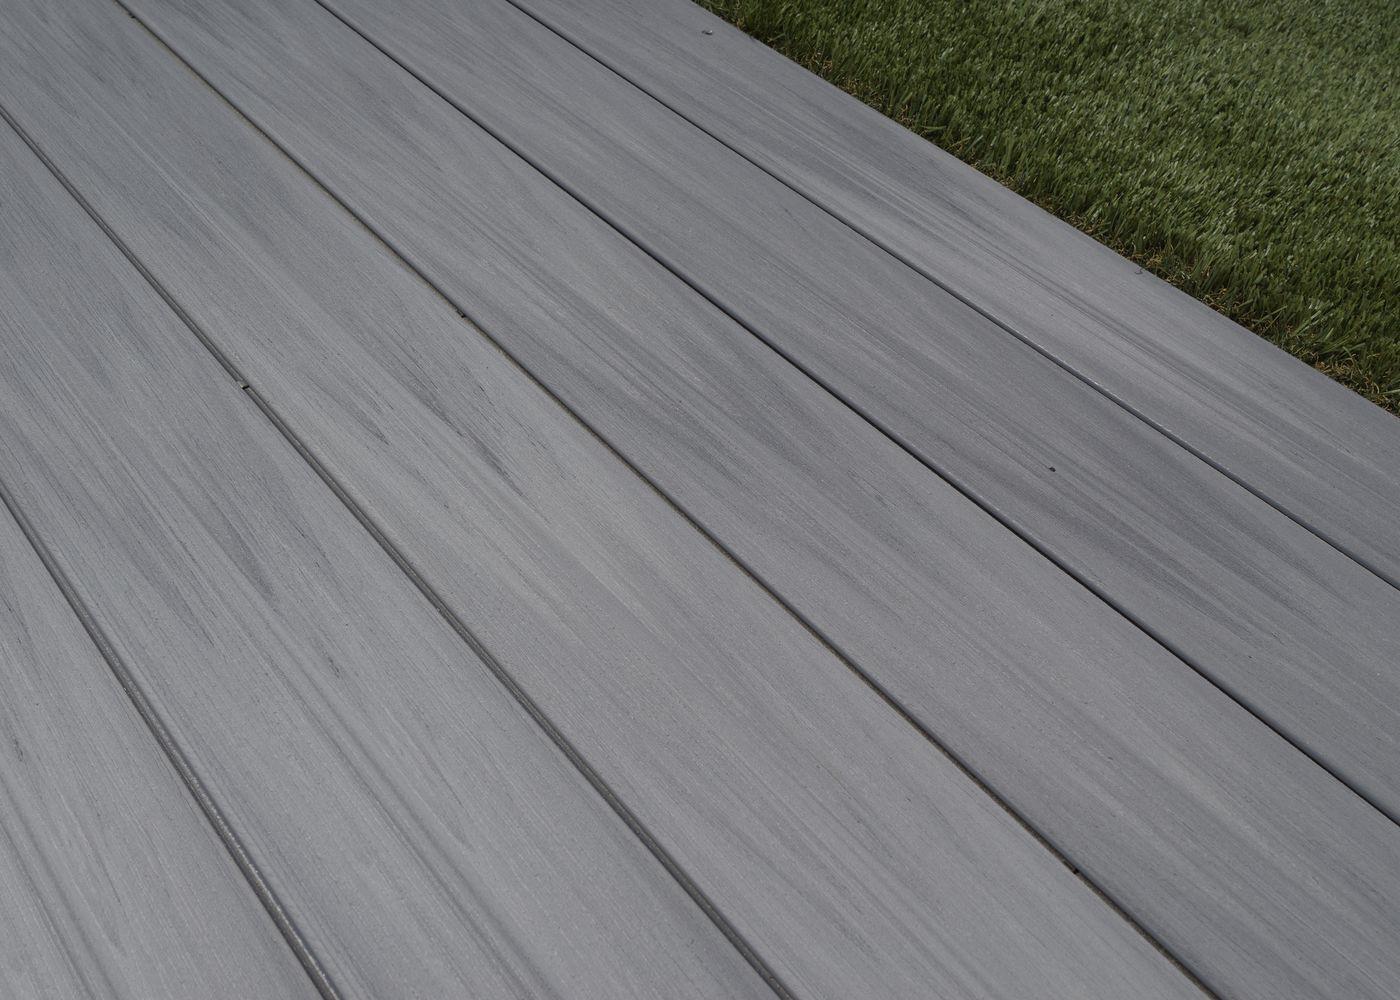 Incroyable Lame De Terrasse Bois Composite Co Extrudé Brossé PEFC Gris Ushuaia  23x138x4000